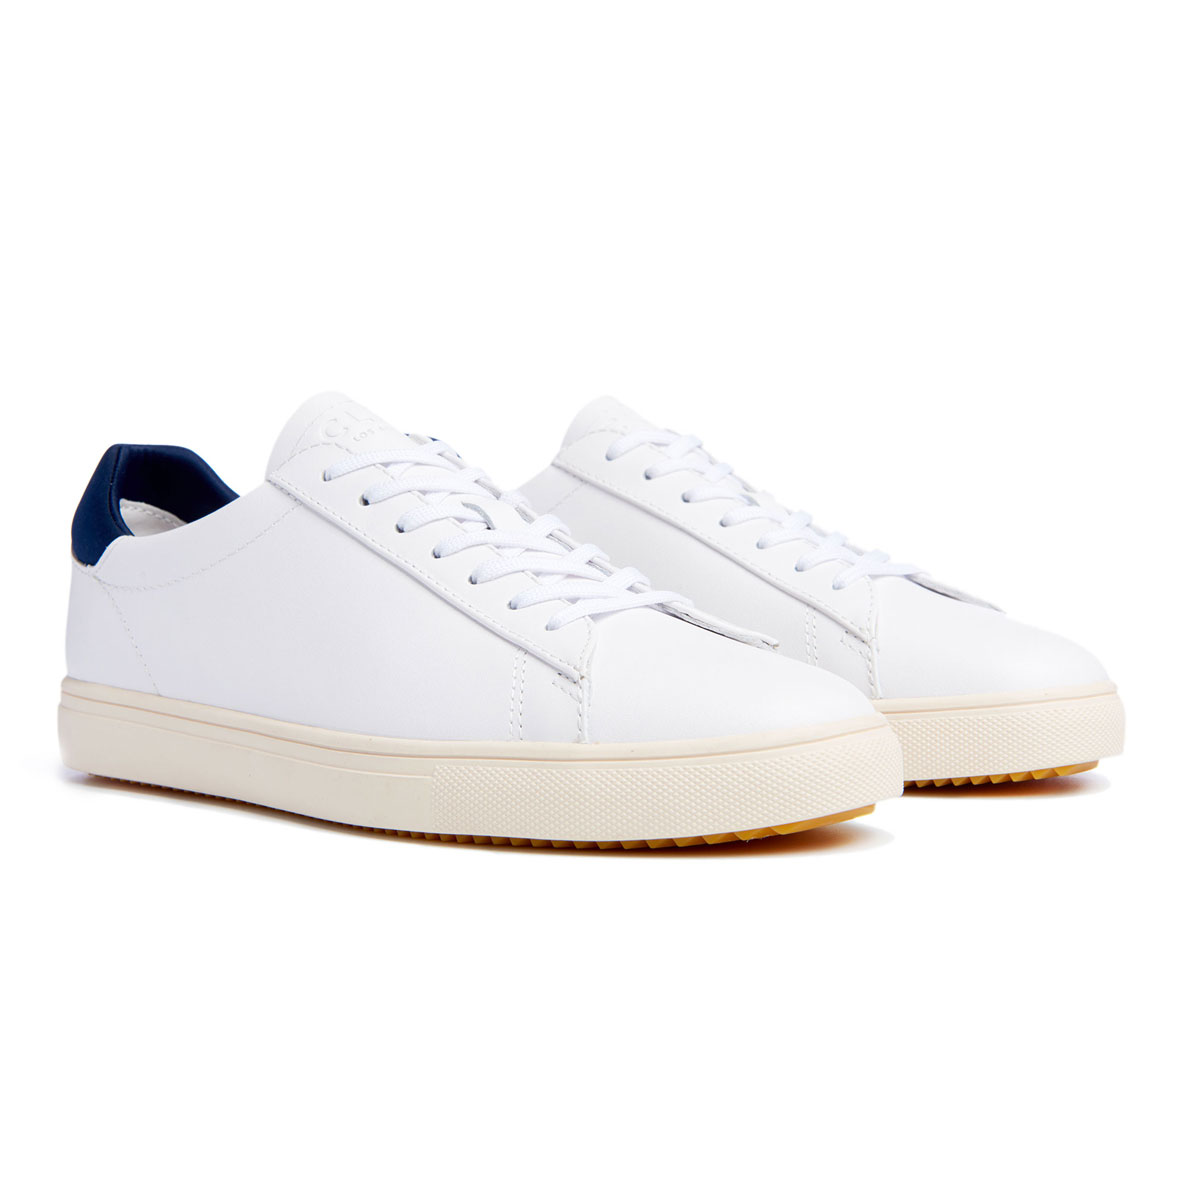 BRADLEY white leather navy